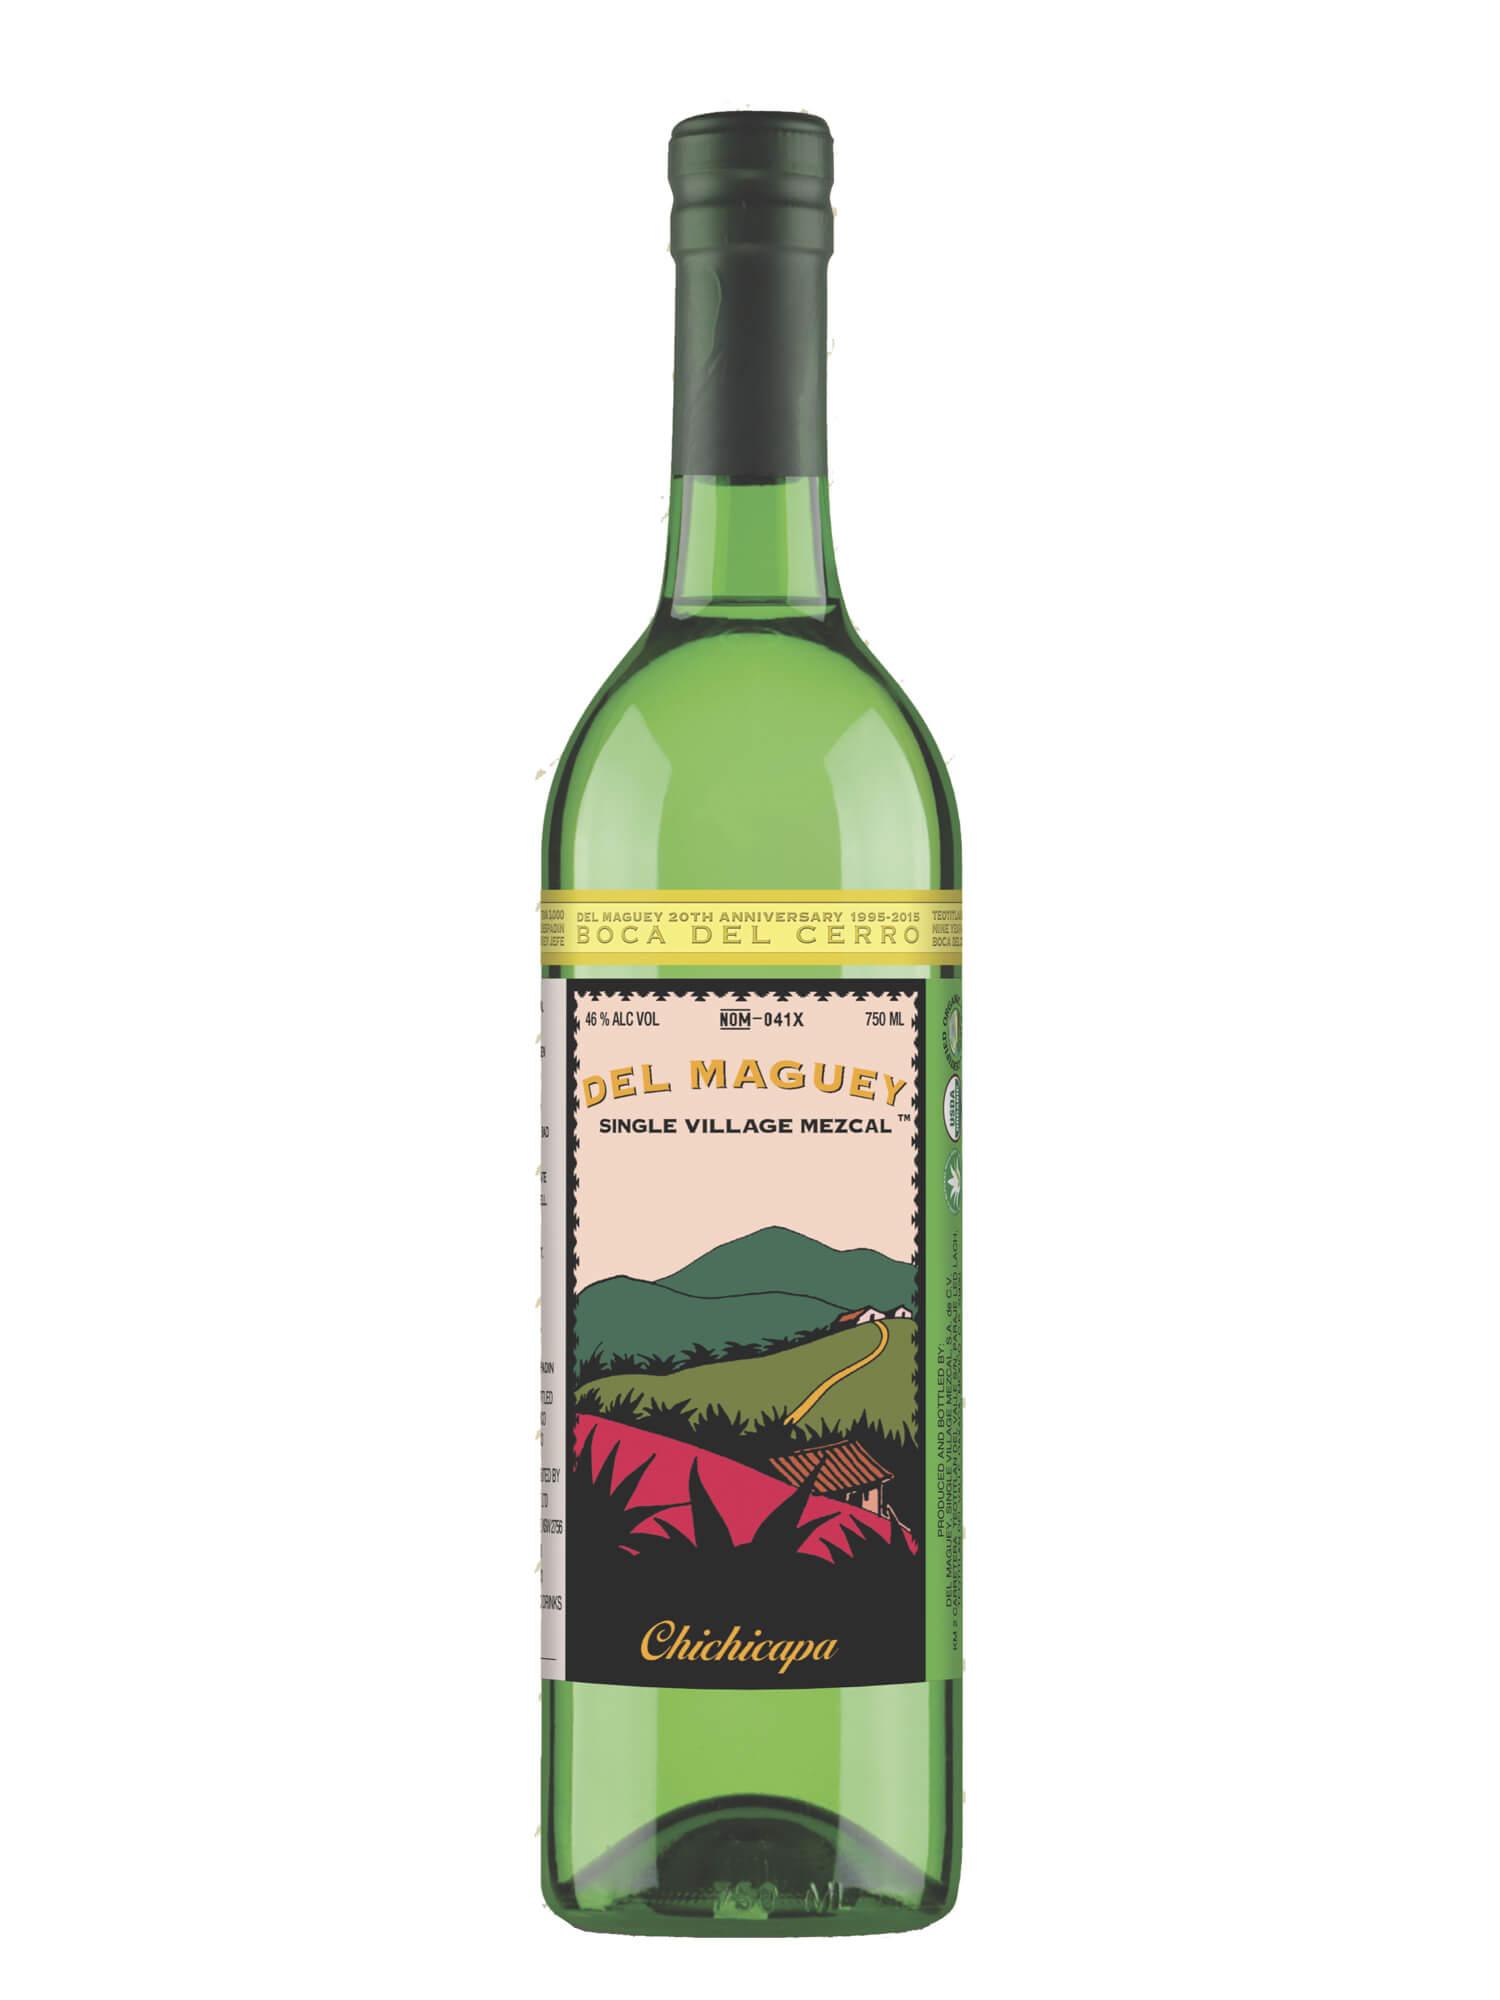 Del Maguey Boca del Cerro mezcal bottle